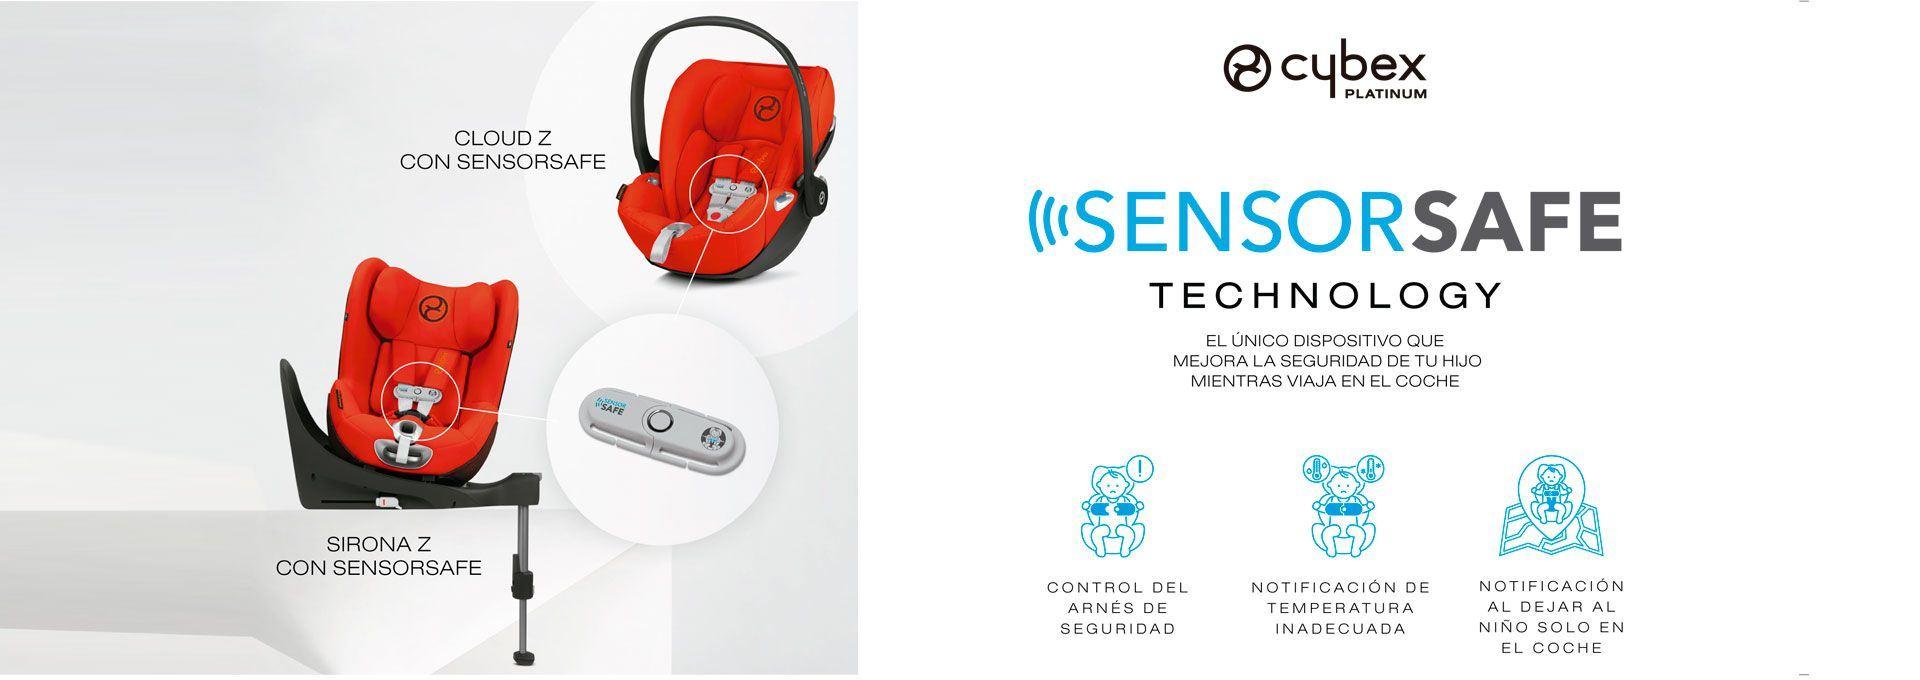 sensor safe de cybex